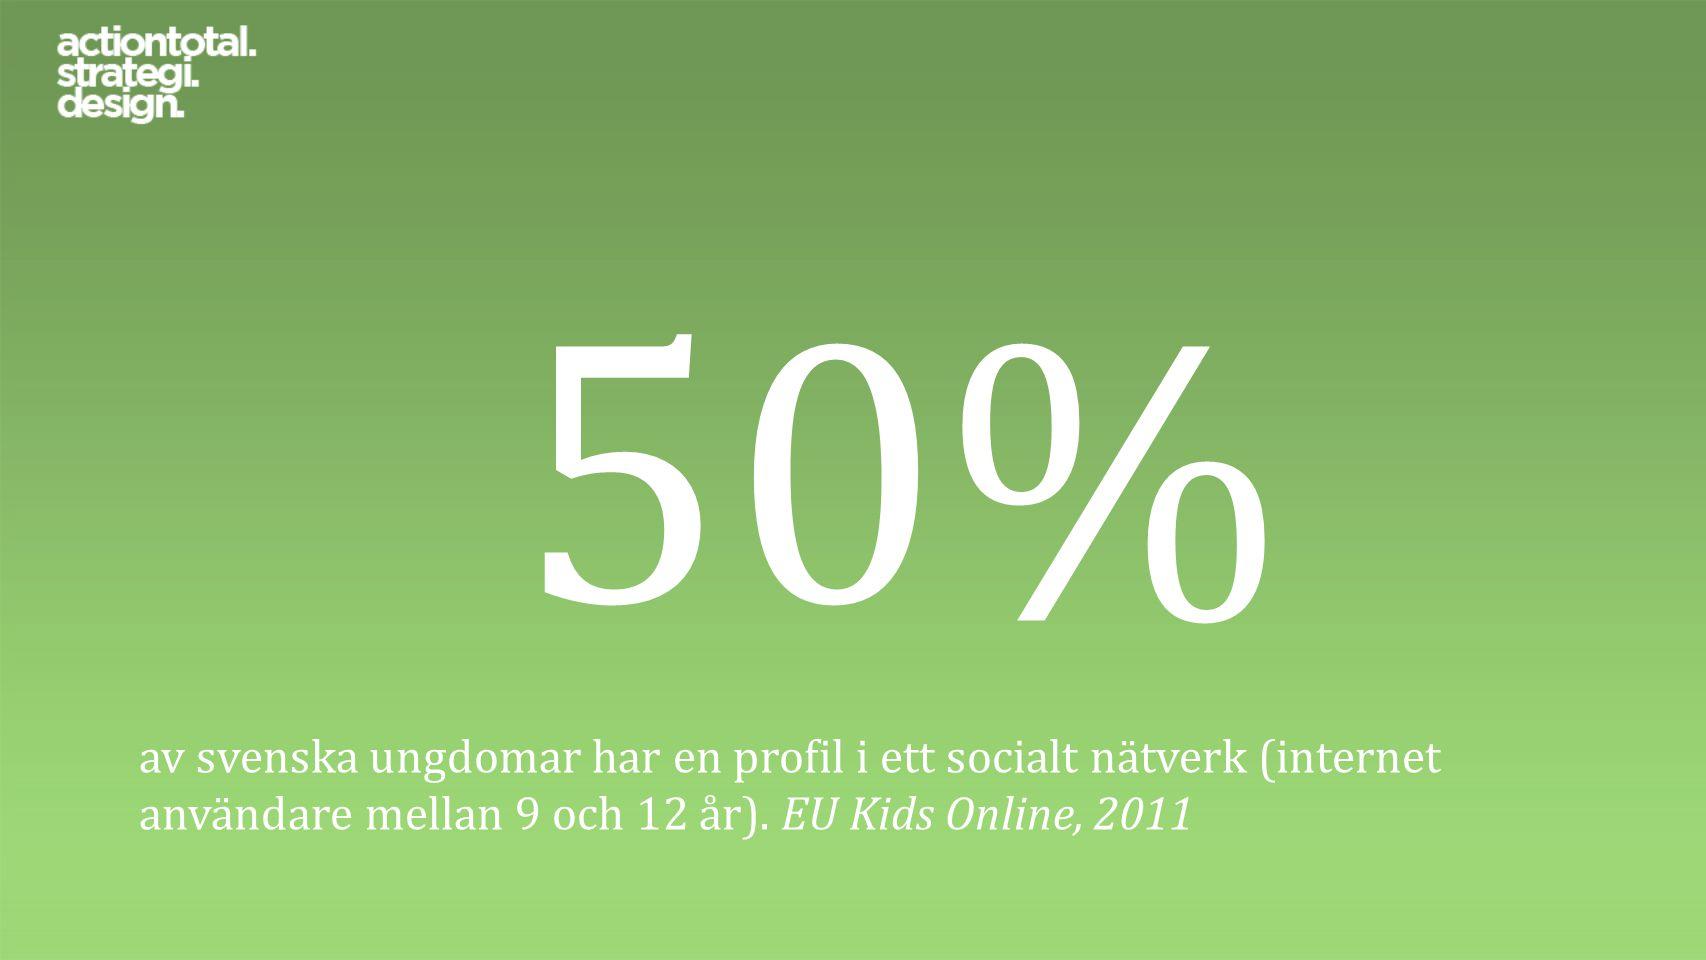 50% av svenska ungdomar har en profil i ett socialt nätverk (internet användare mellan 9 och 12 år). EU Kids Online, 2011